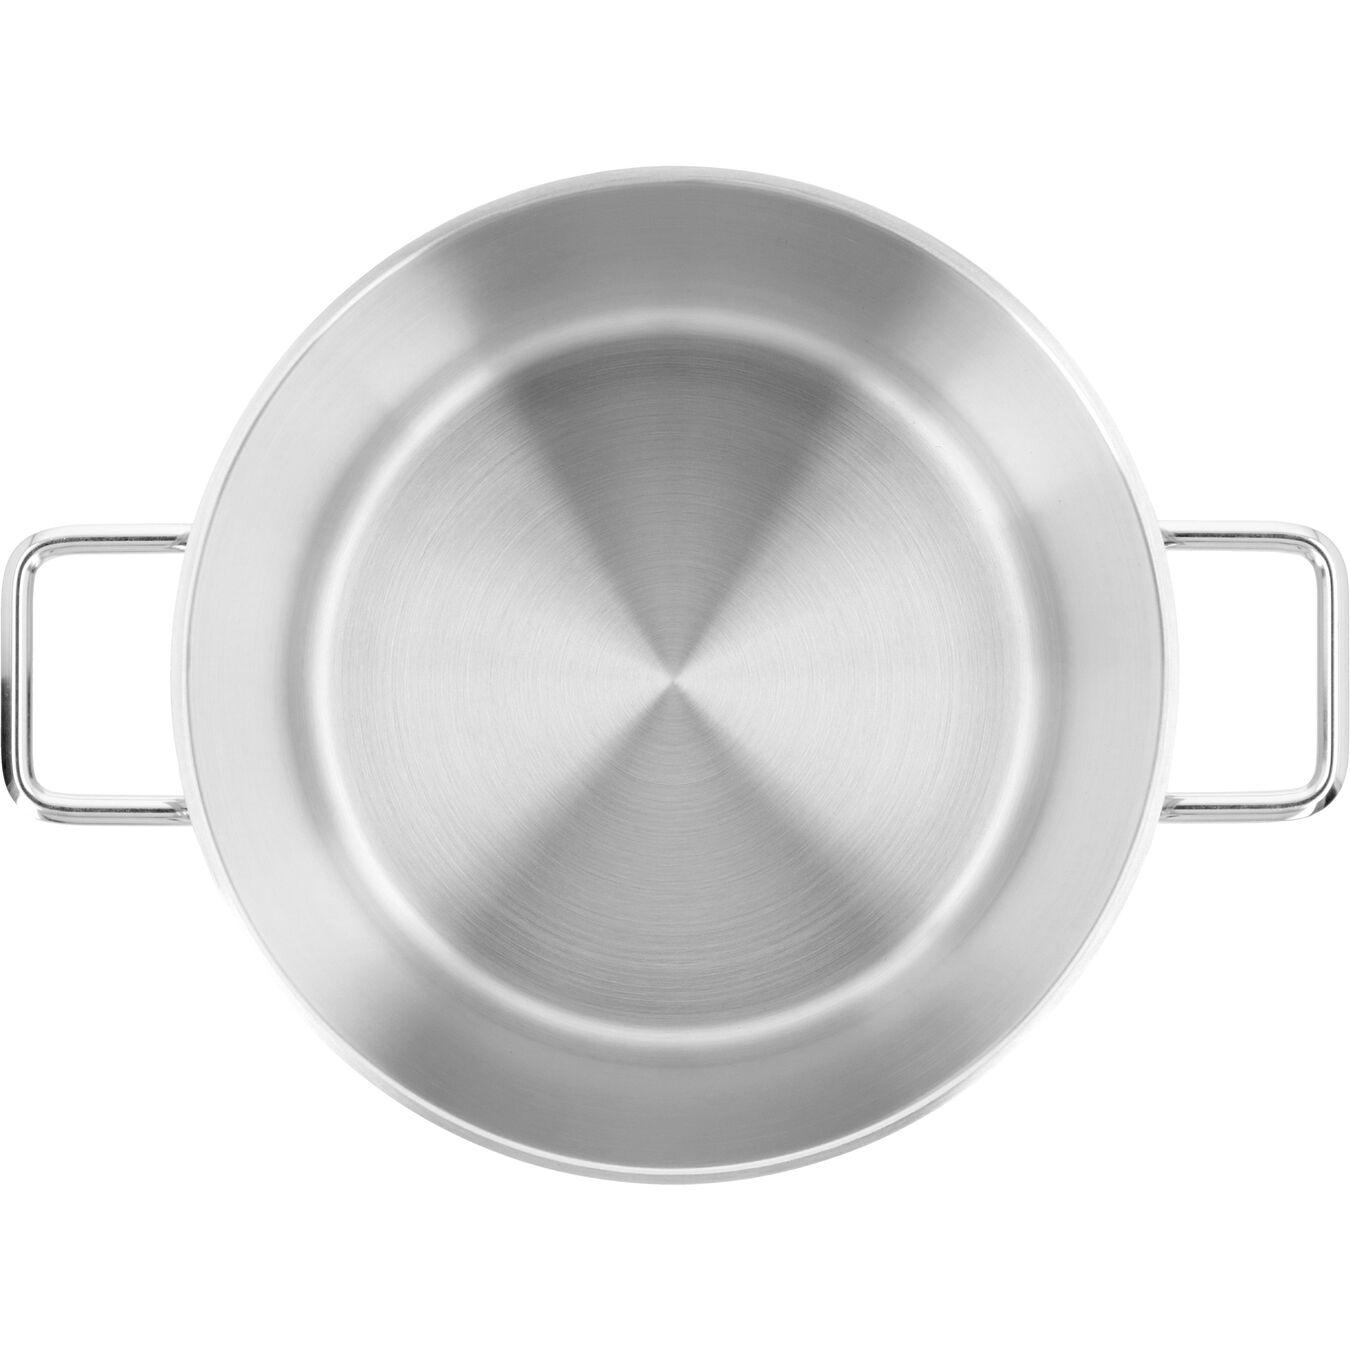 Pentola con coperchio - 30 cm, 18/10 Acciaio inossidabile,,large 3